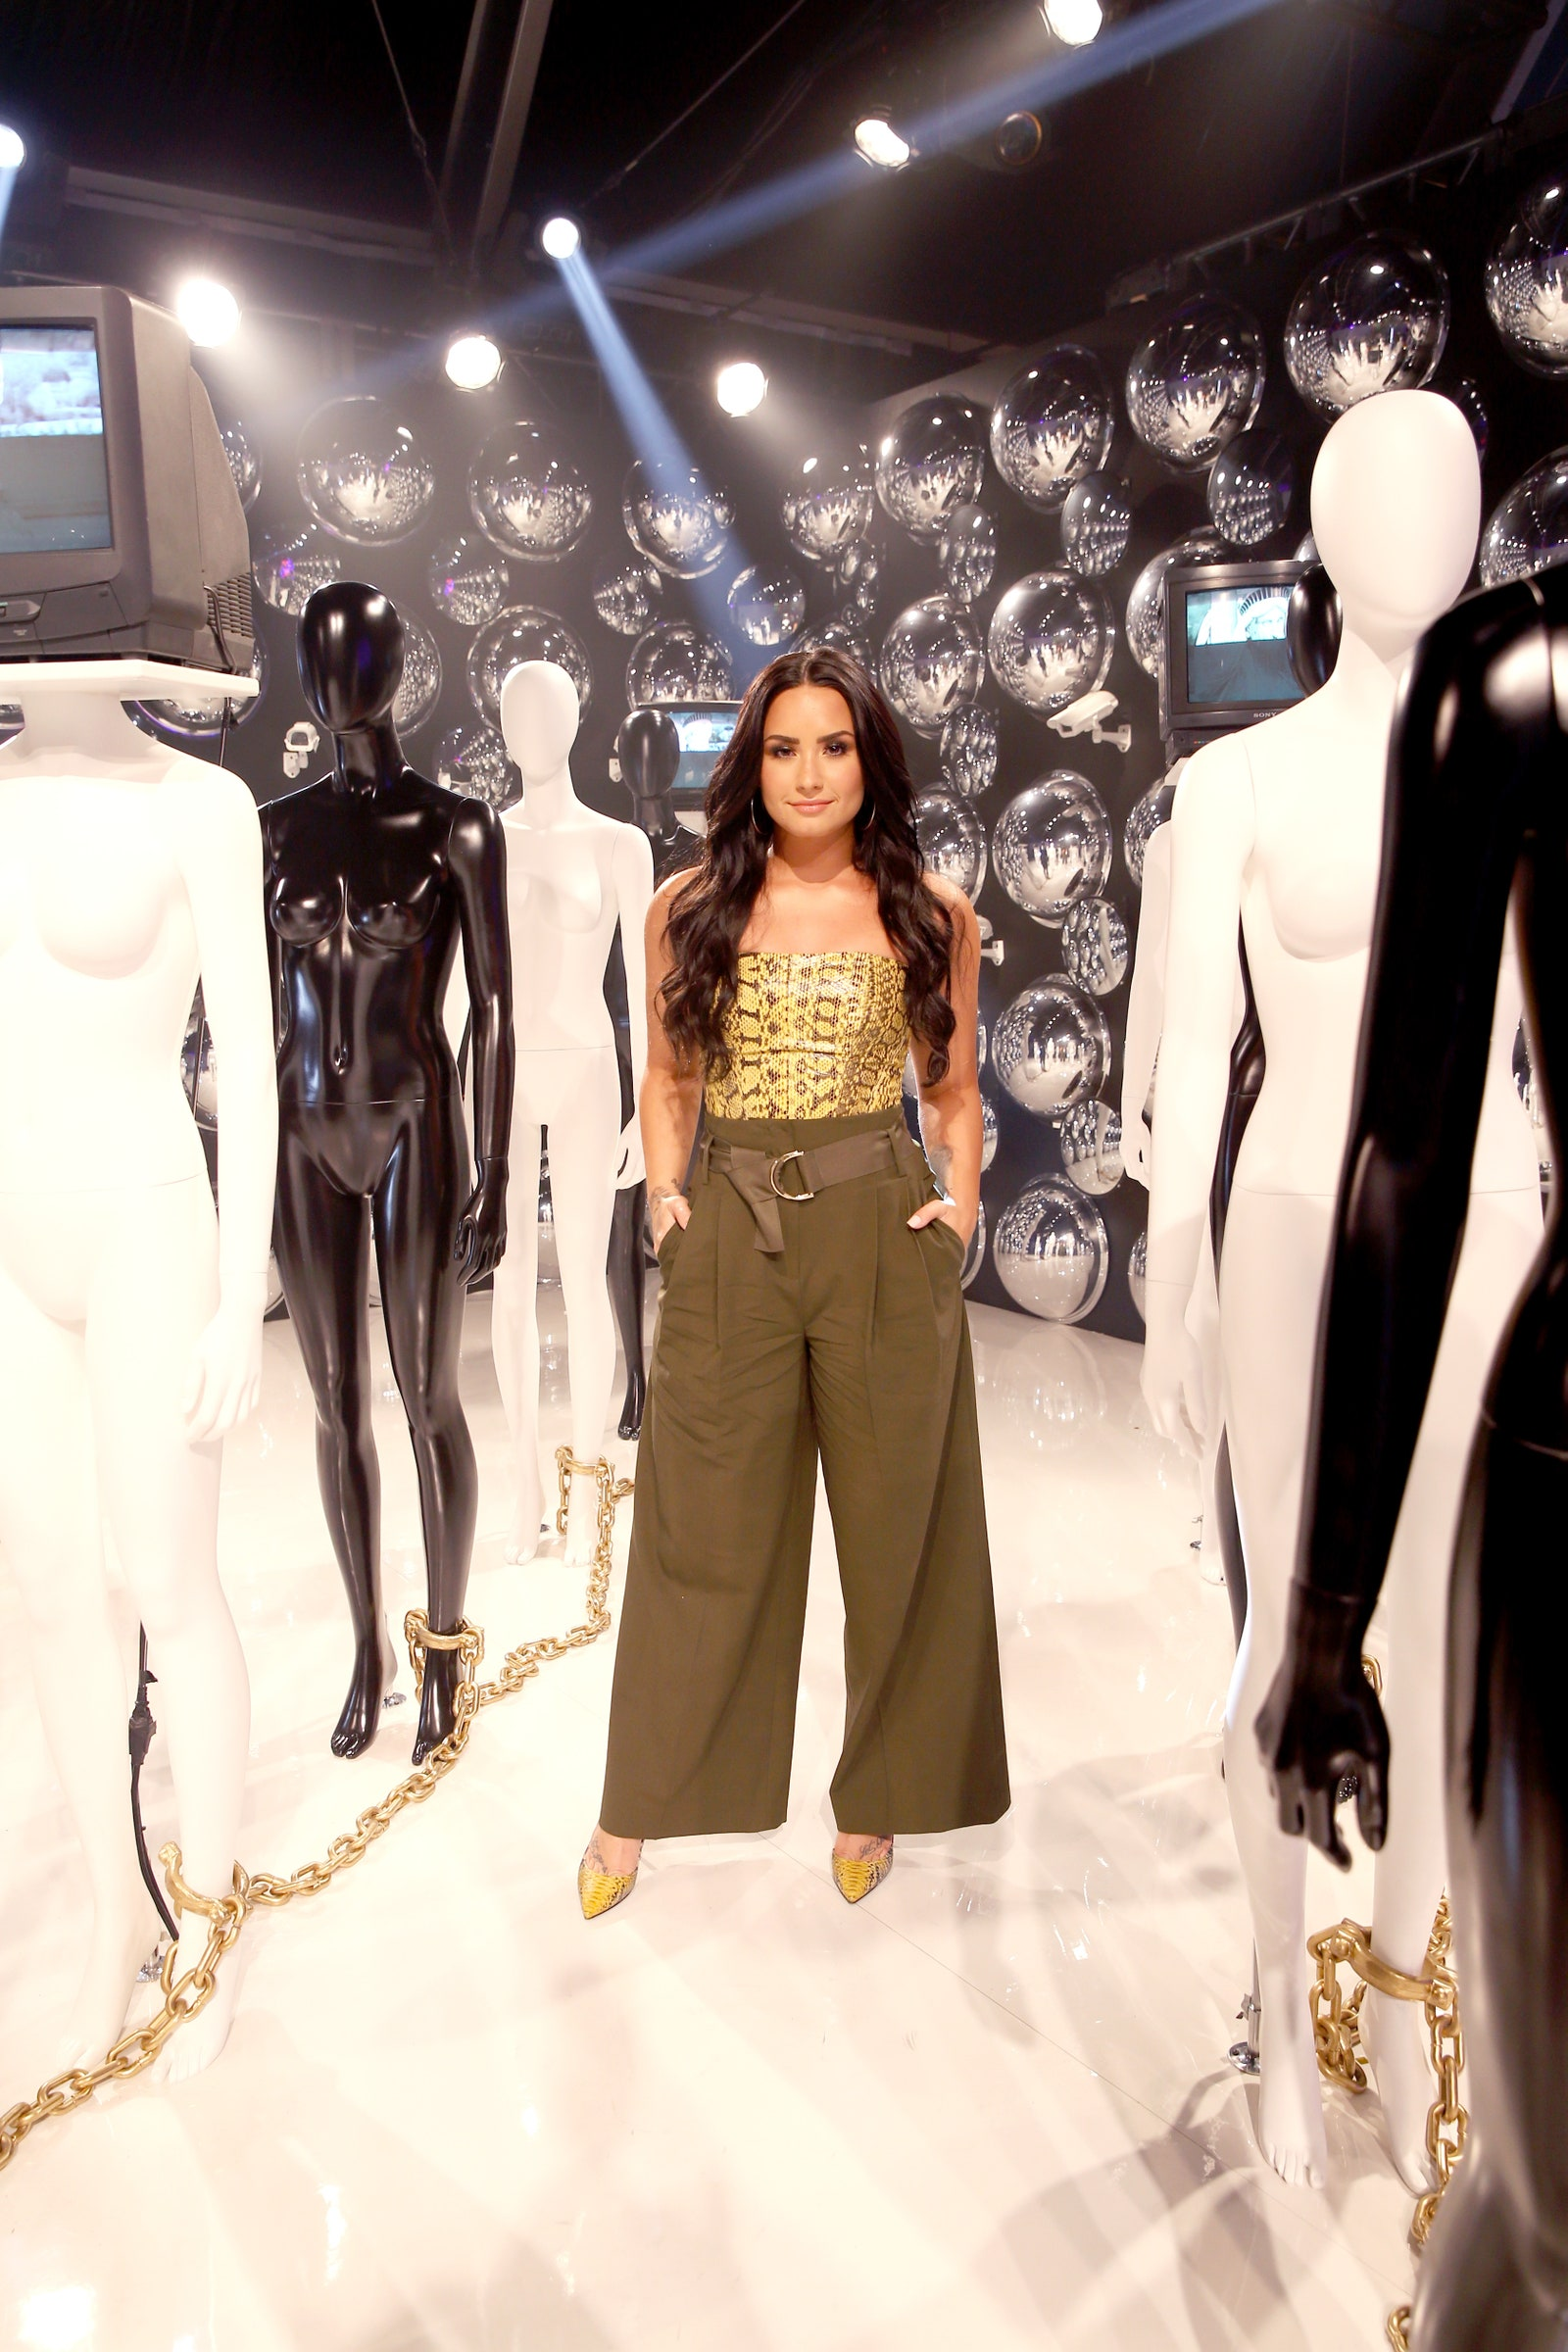 Cách mặc đẹp như Demi Lovato với quần lưng cao, áo quây in họa tiết